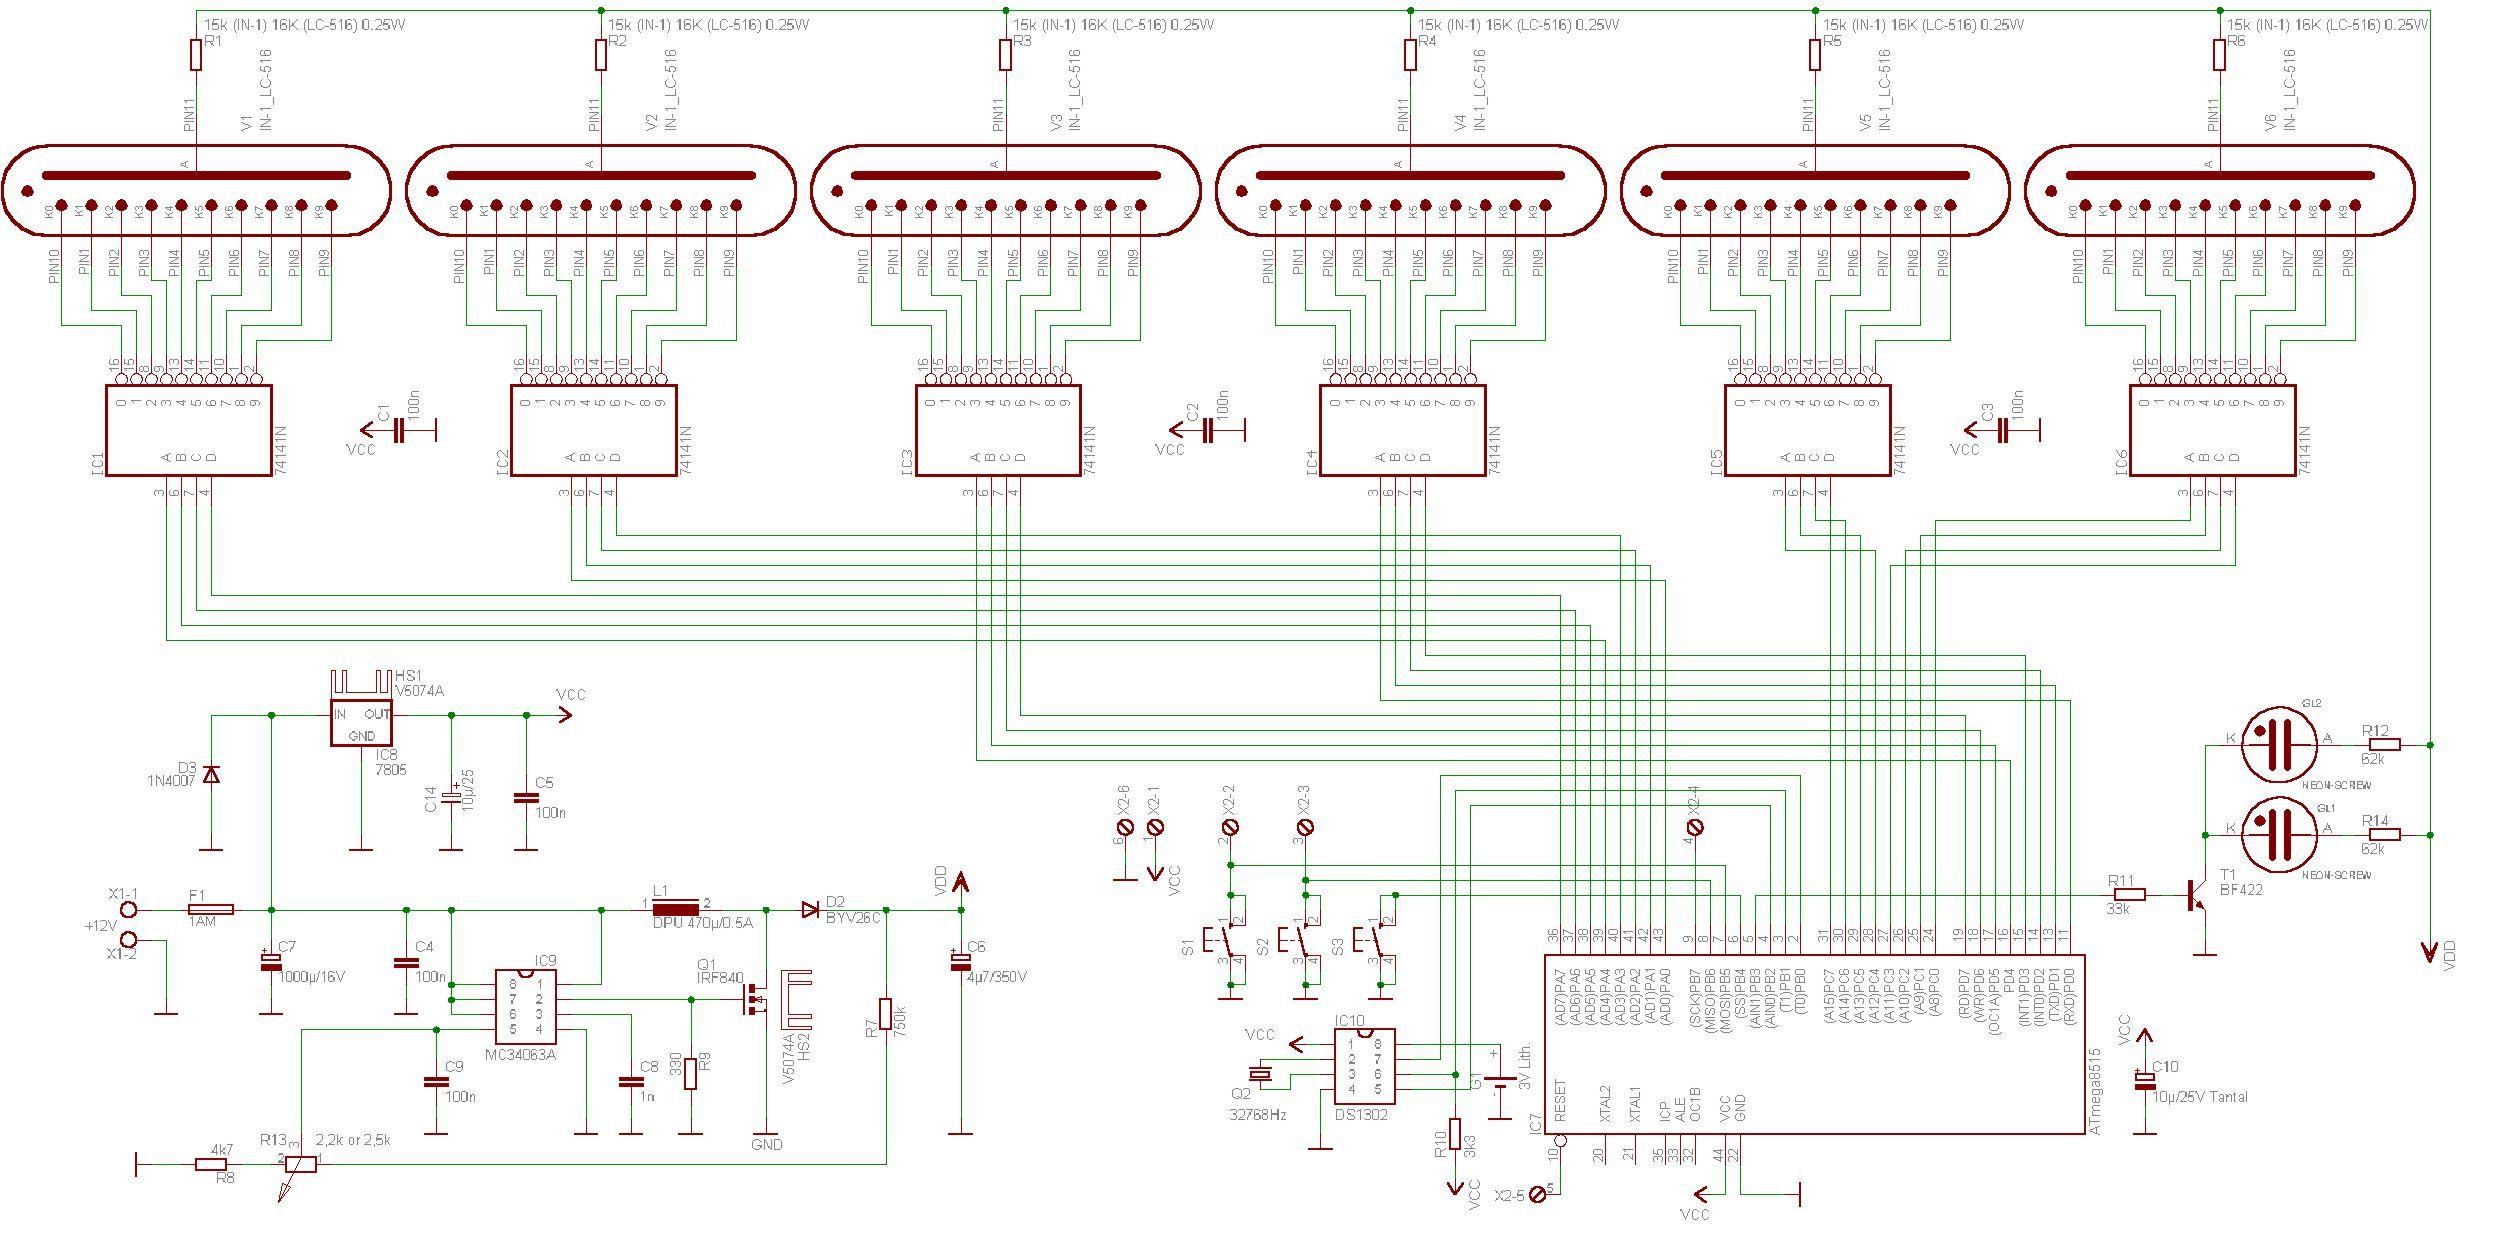 medium resolution of nixietube clock schematic wiring diagram todaynixie tube clock schematics diagram data schema pic nixie clock schematic